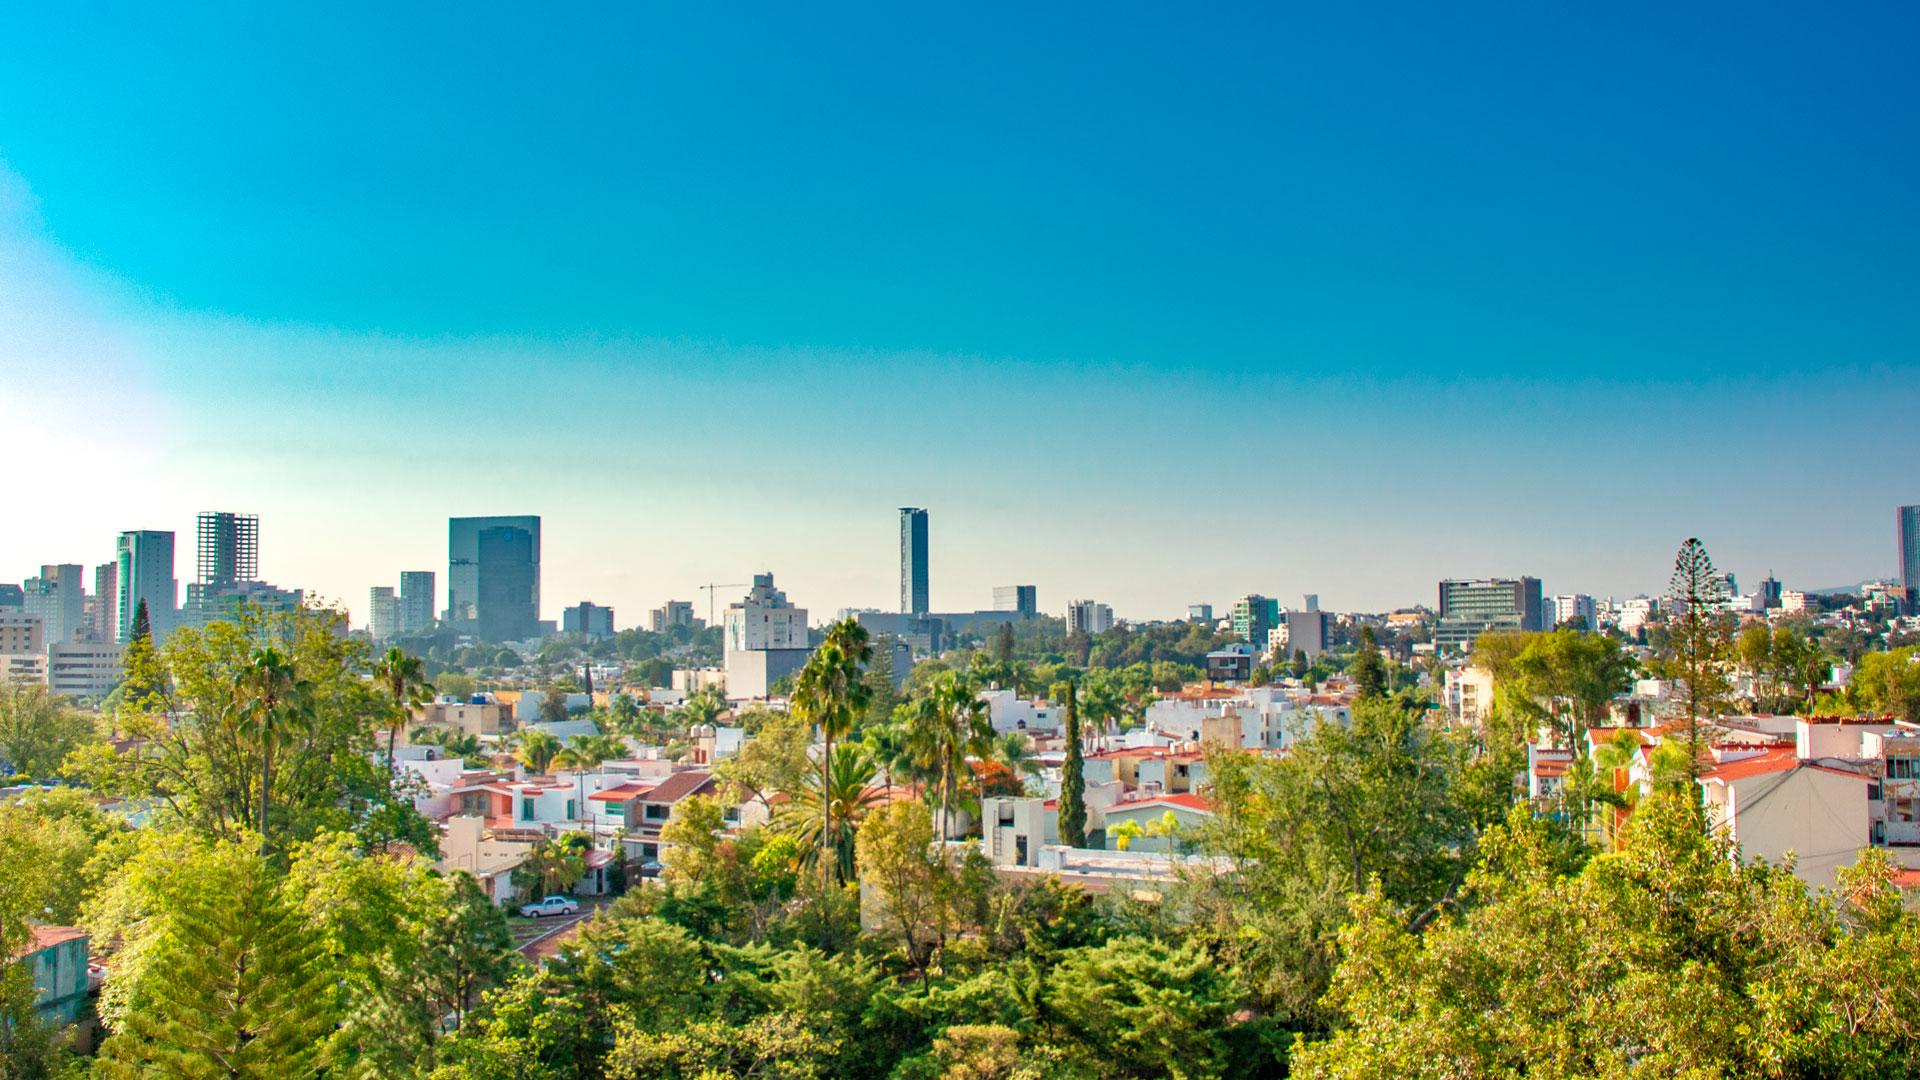 Guadalajara movilidad sostenible hero asset